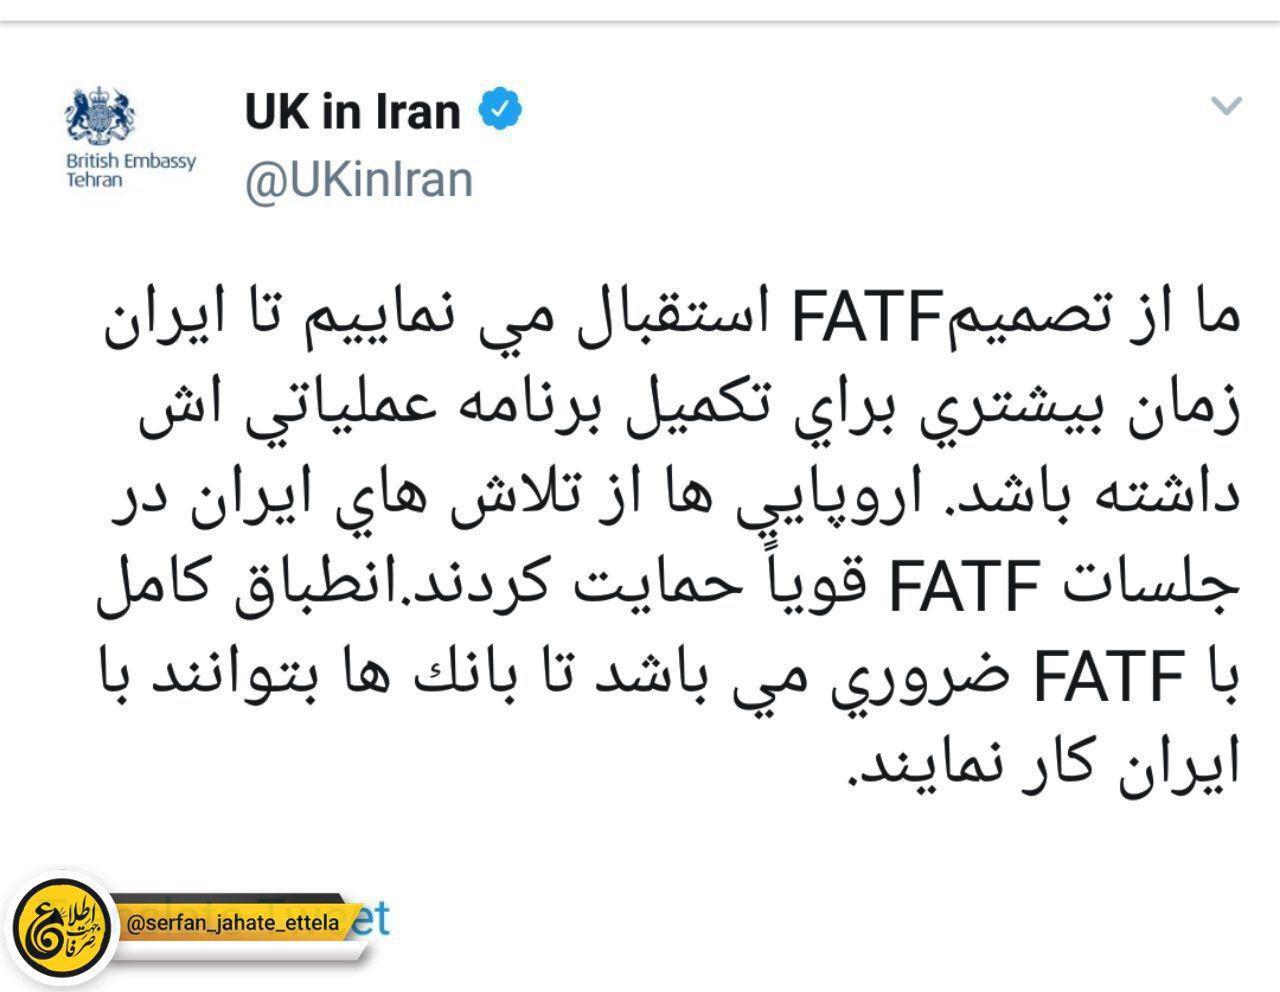 استقبال سفارت بریتانیا در تهران از مهلت FATF به ایران